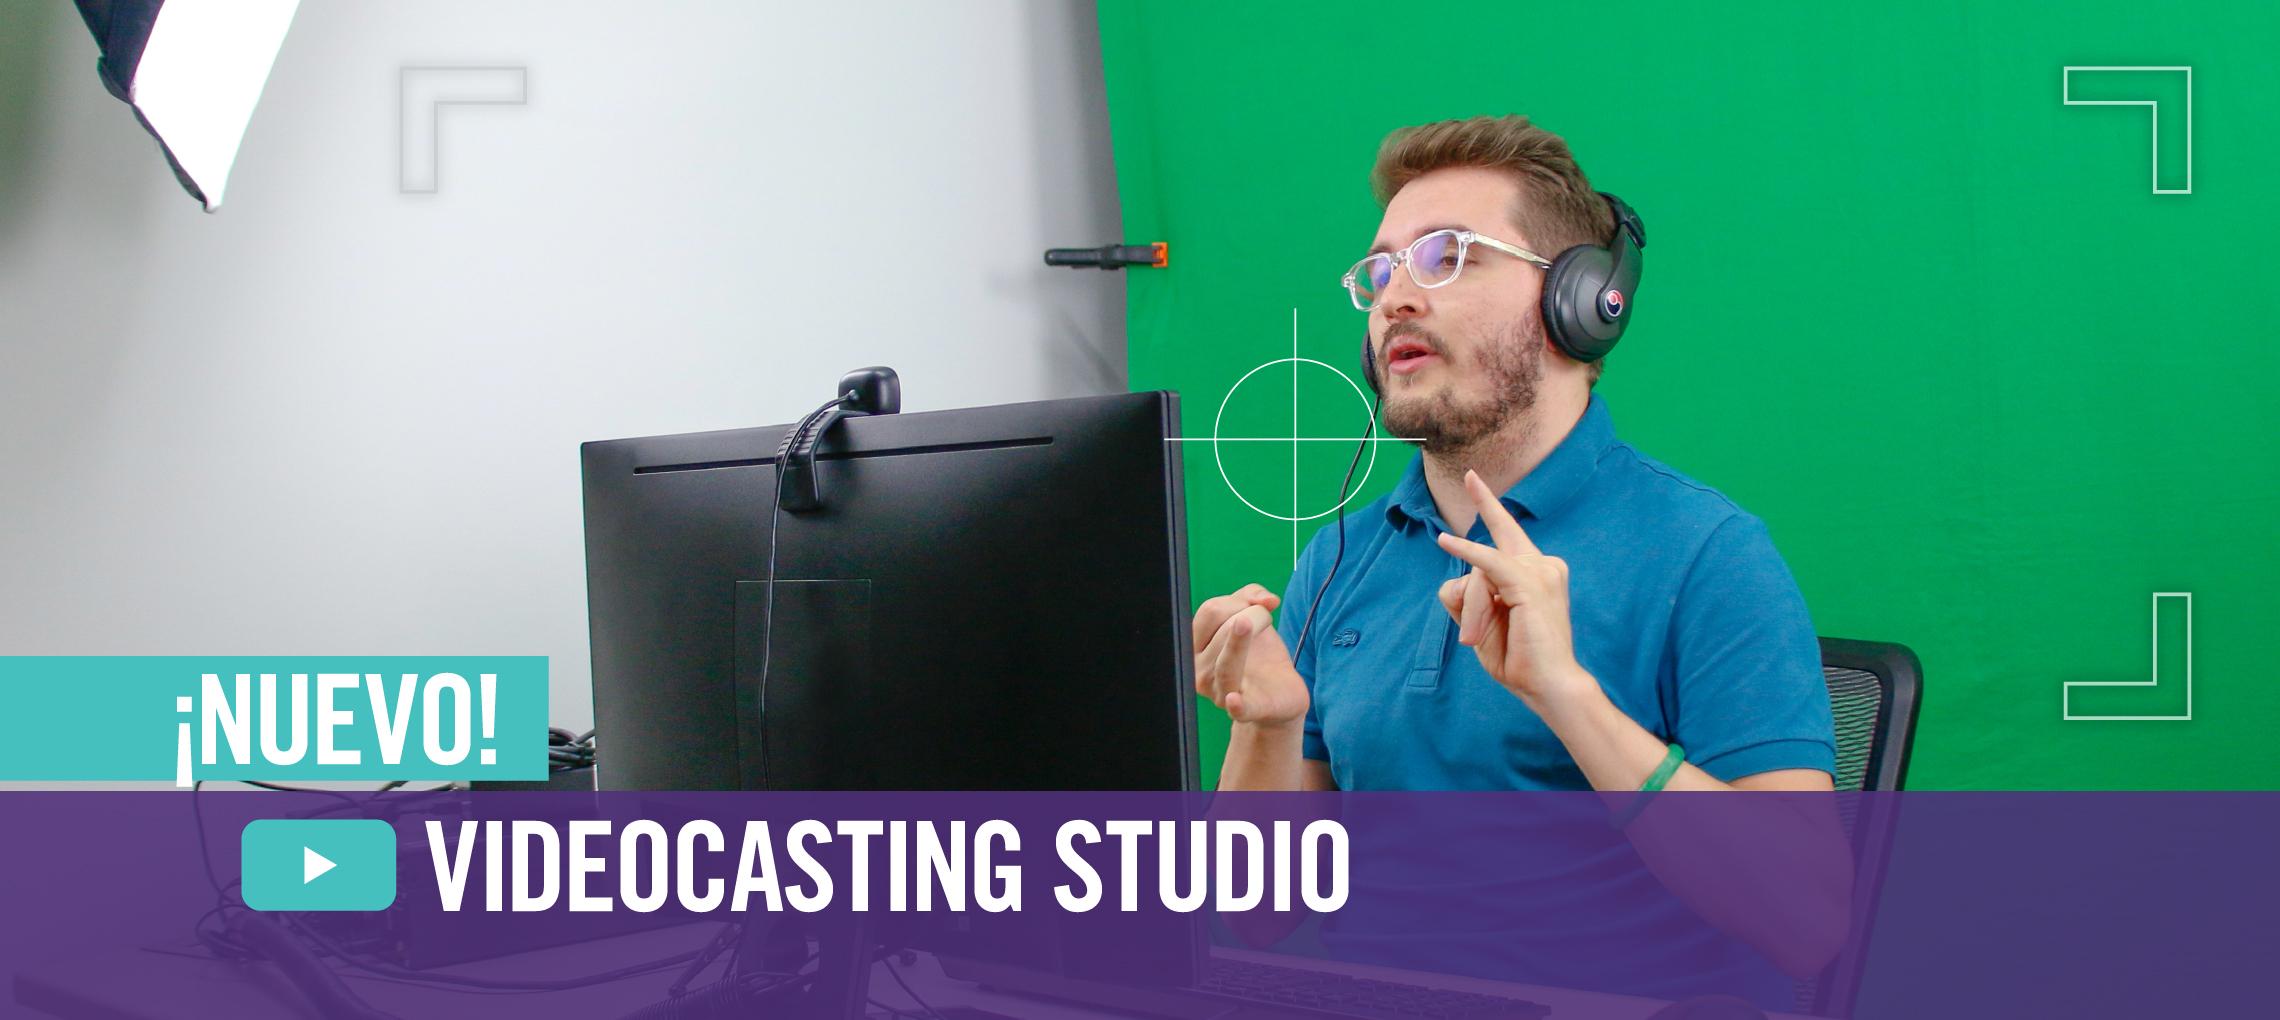 Video Casting Studio